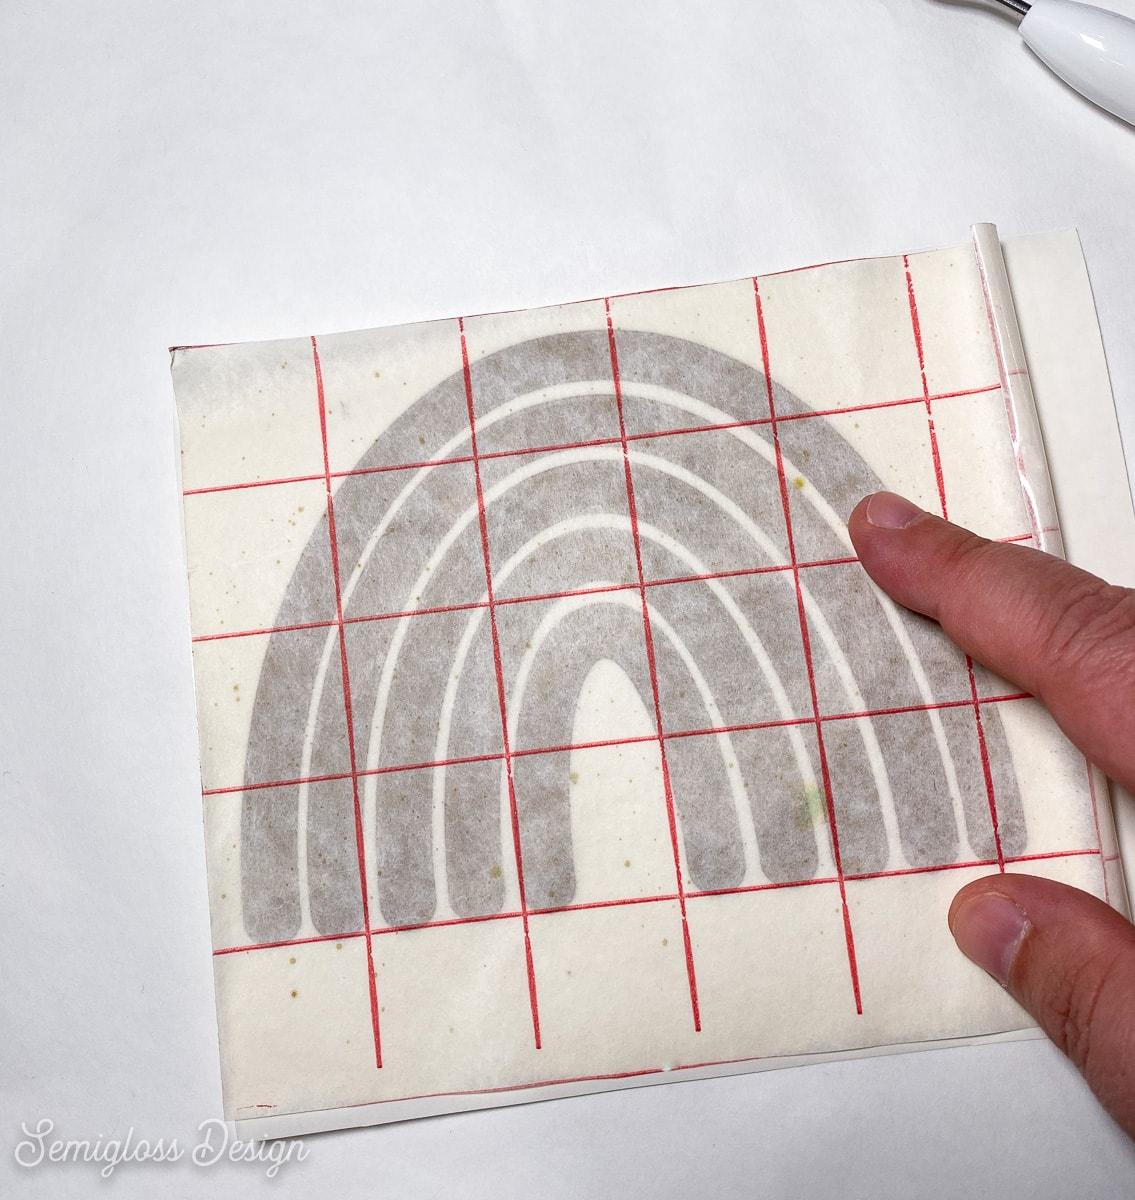 applying transfer tape to vinyl design